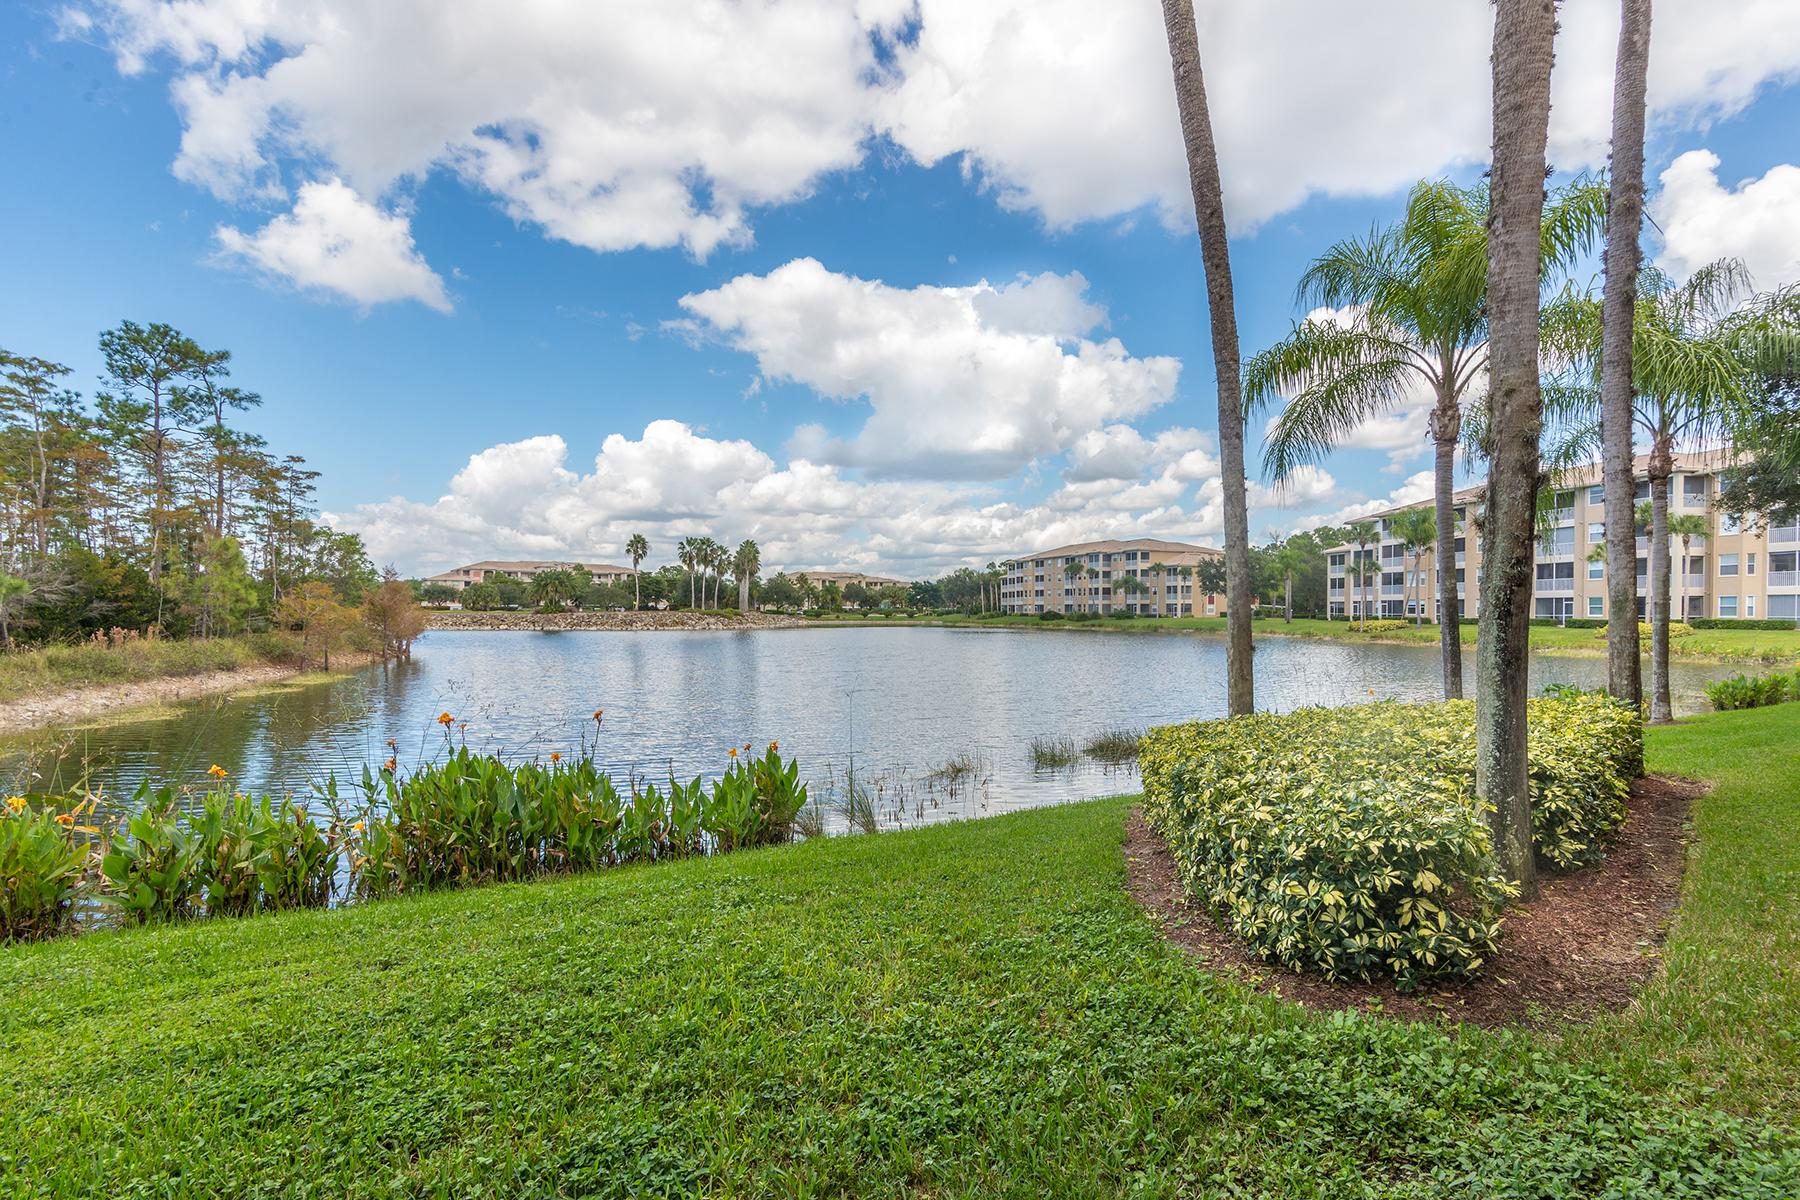 Eigentumswohnung für Verkauf beim NAPLES HERITAGE - STONEYBROOK 7525 Stoneybrook Dr 912 Naples, Florida 34112 Vereinigte Staaten